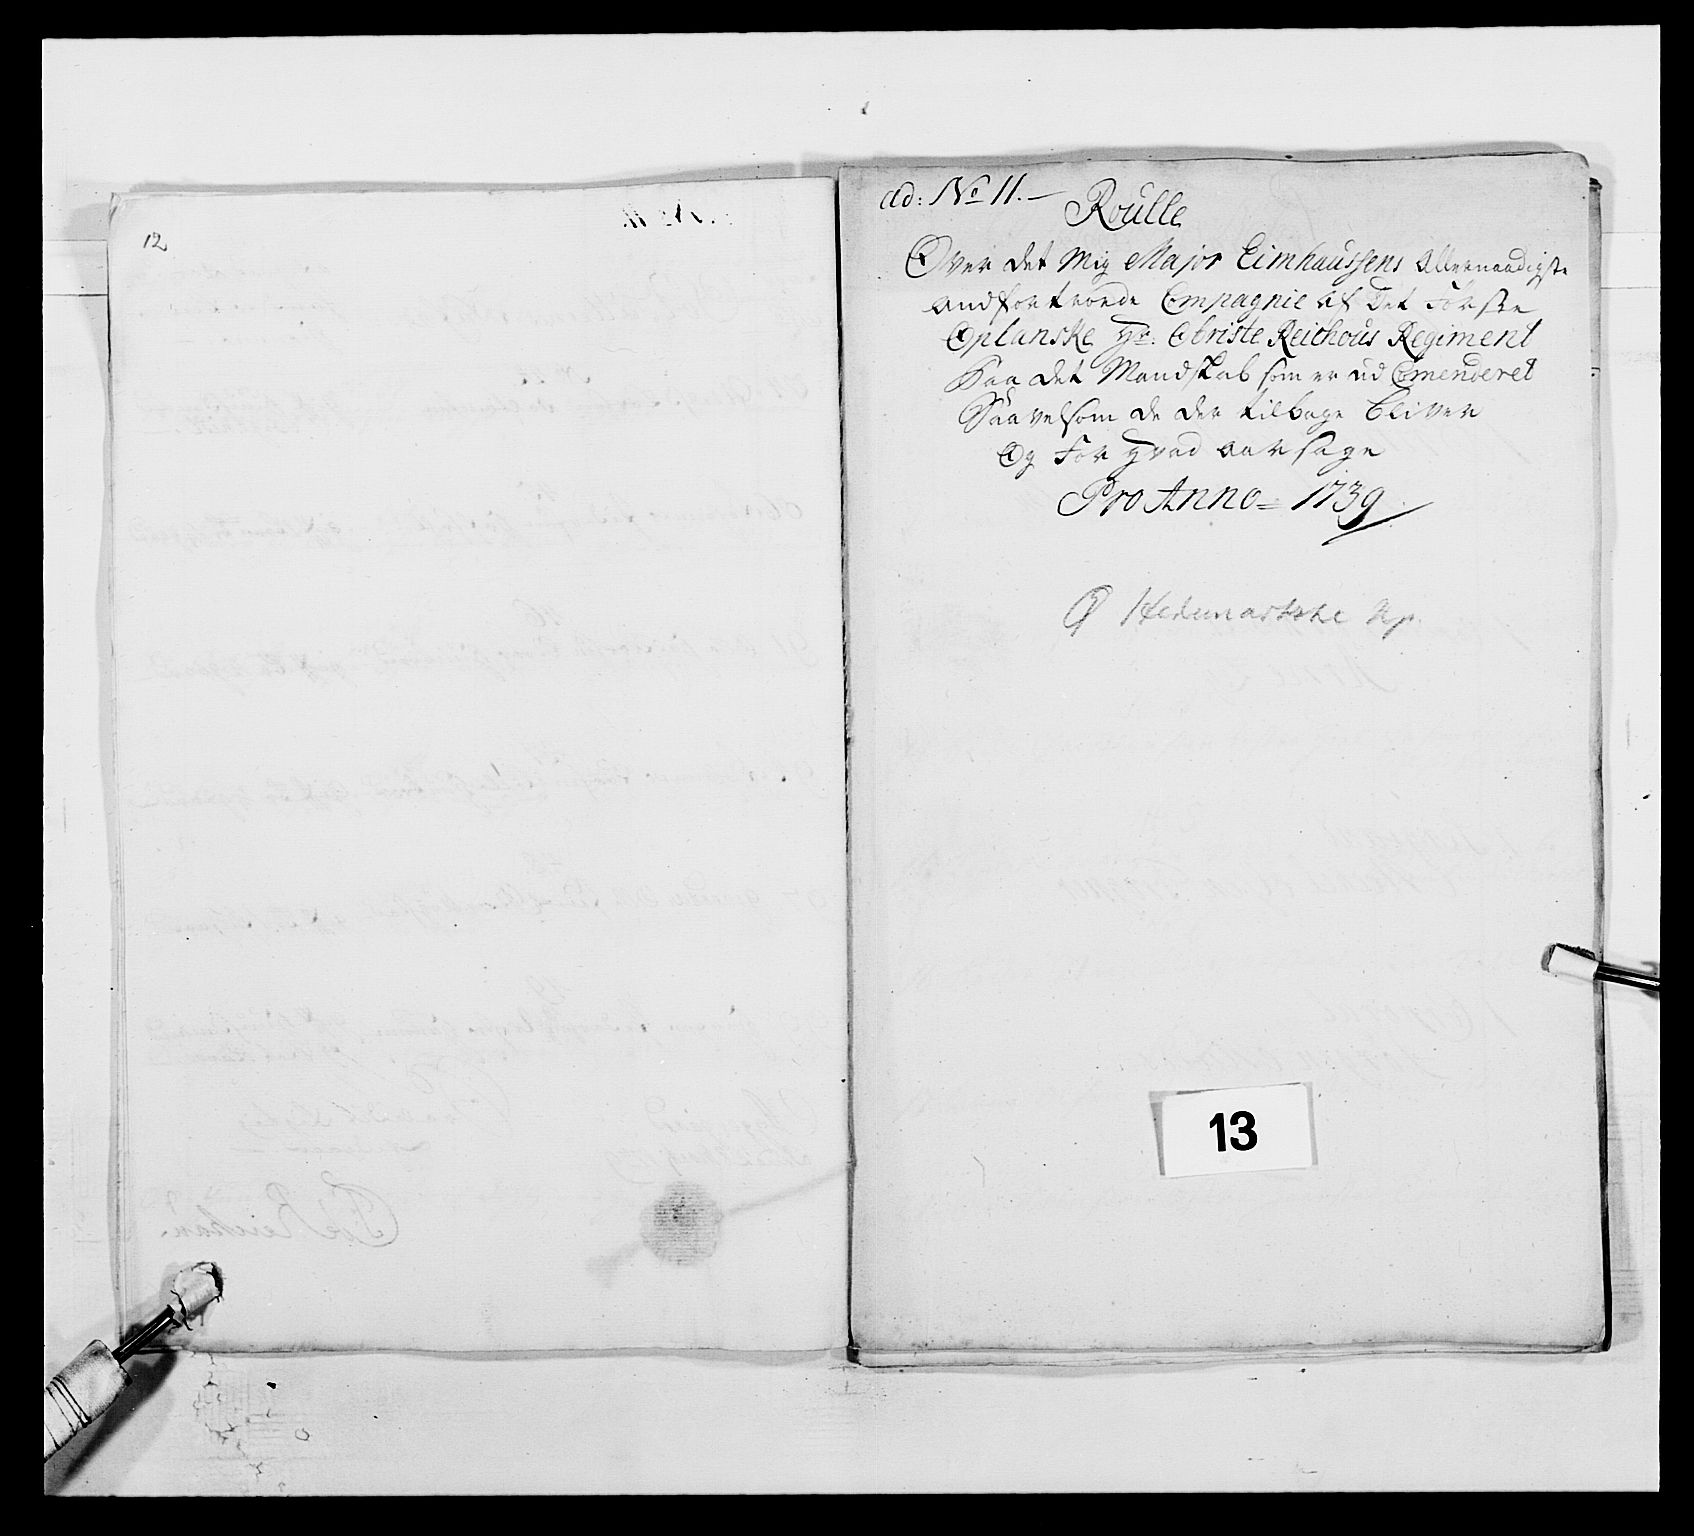 RA, Kommanderende general (KG I) med Det norske krigsdirektorium, E/Ea/L0502: 1. Opplandske regiment, 1720-1743, s. 129